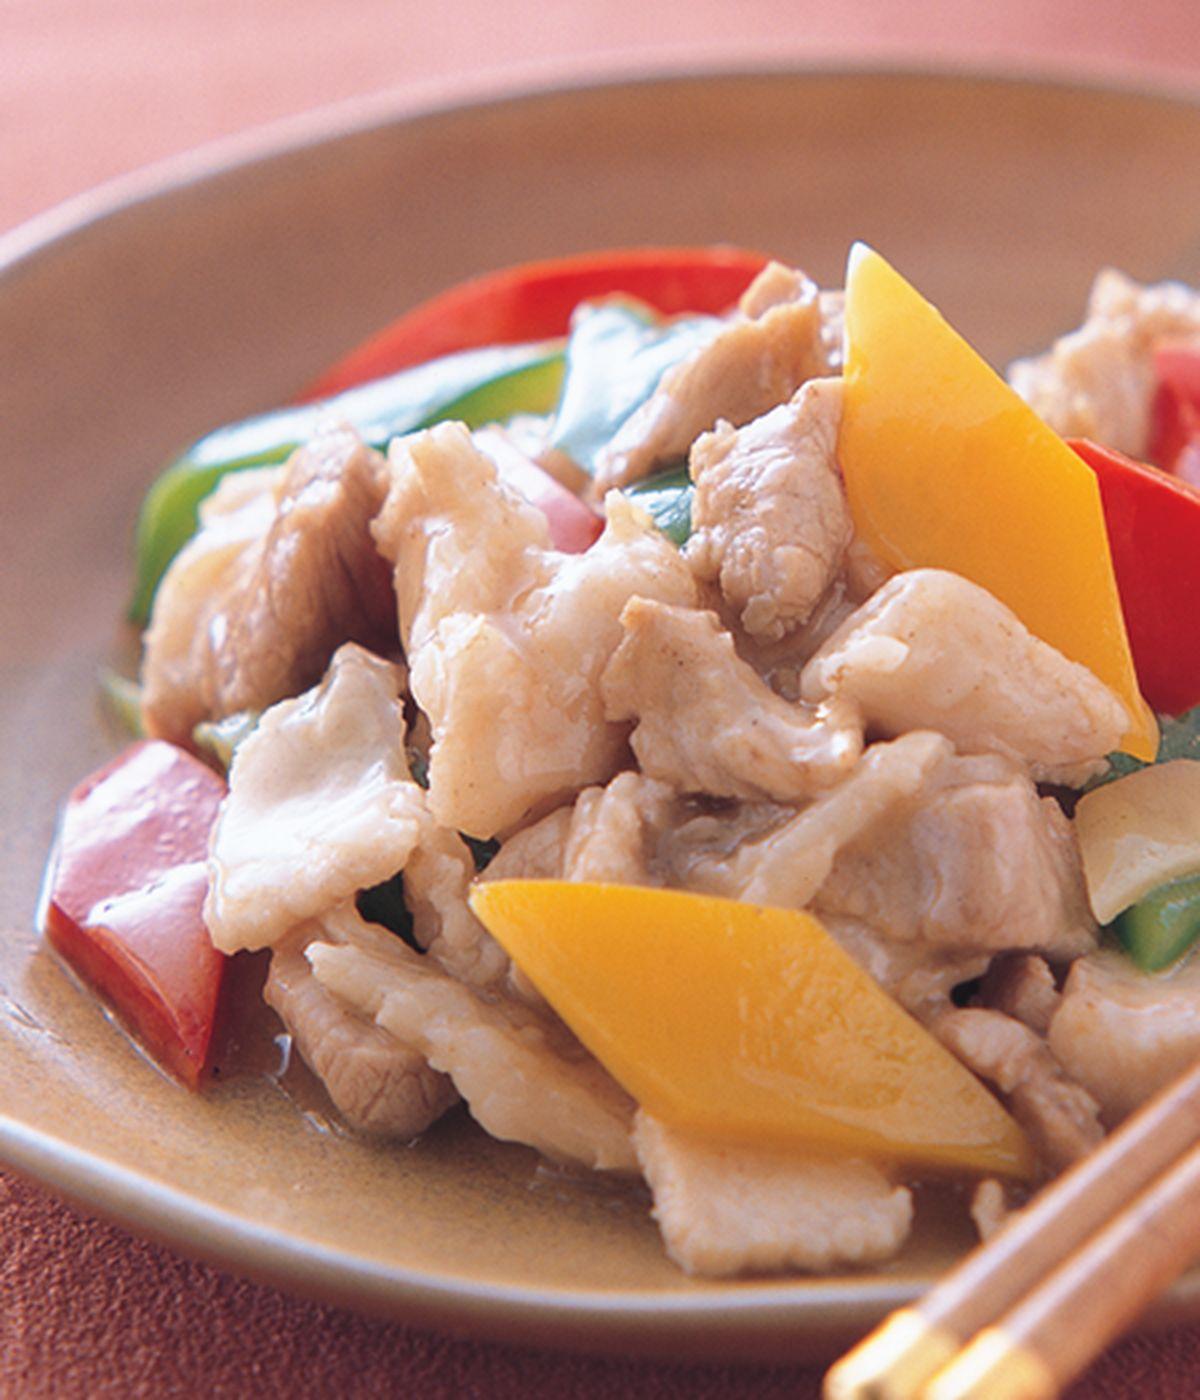 食譜:甜椒炒肉